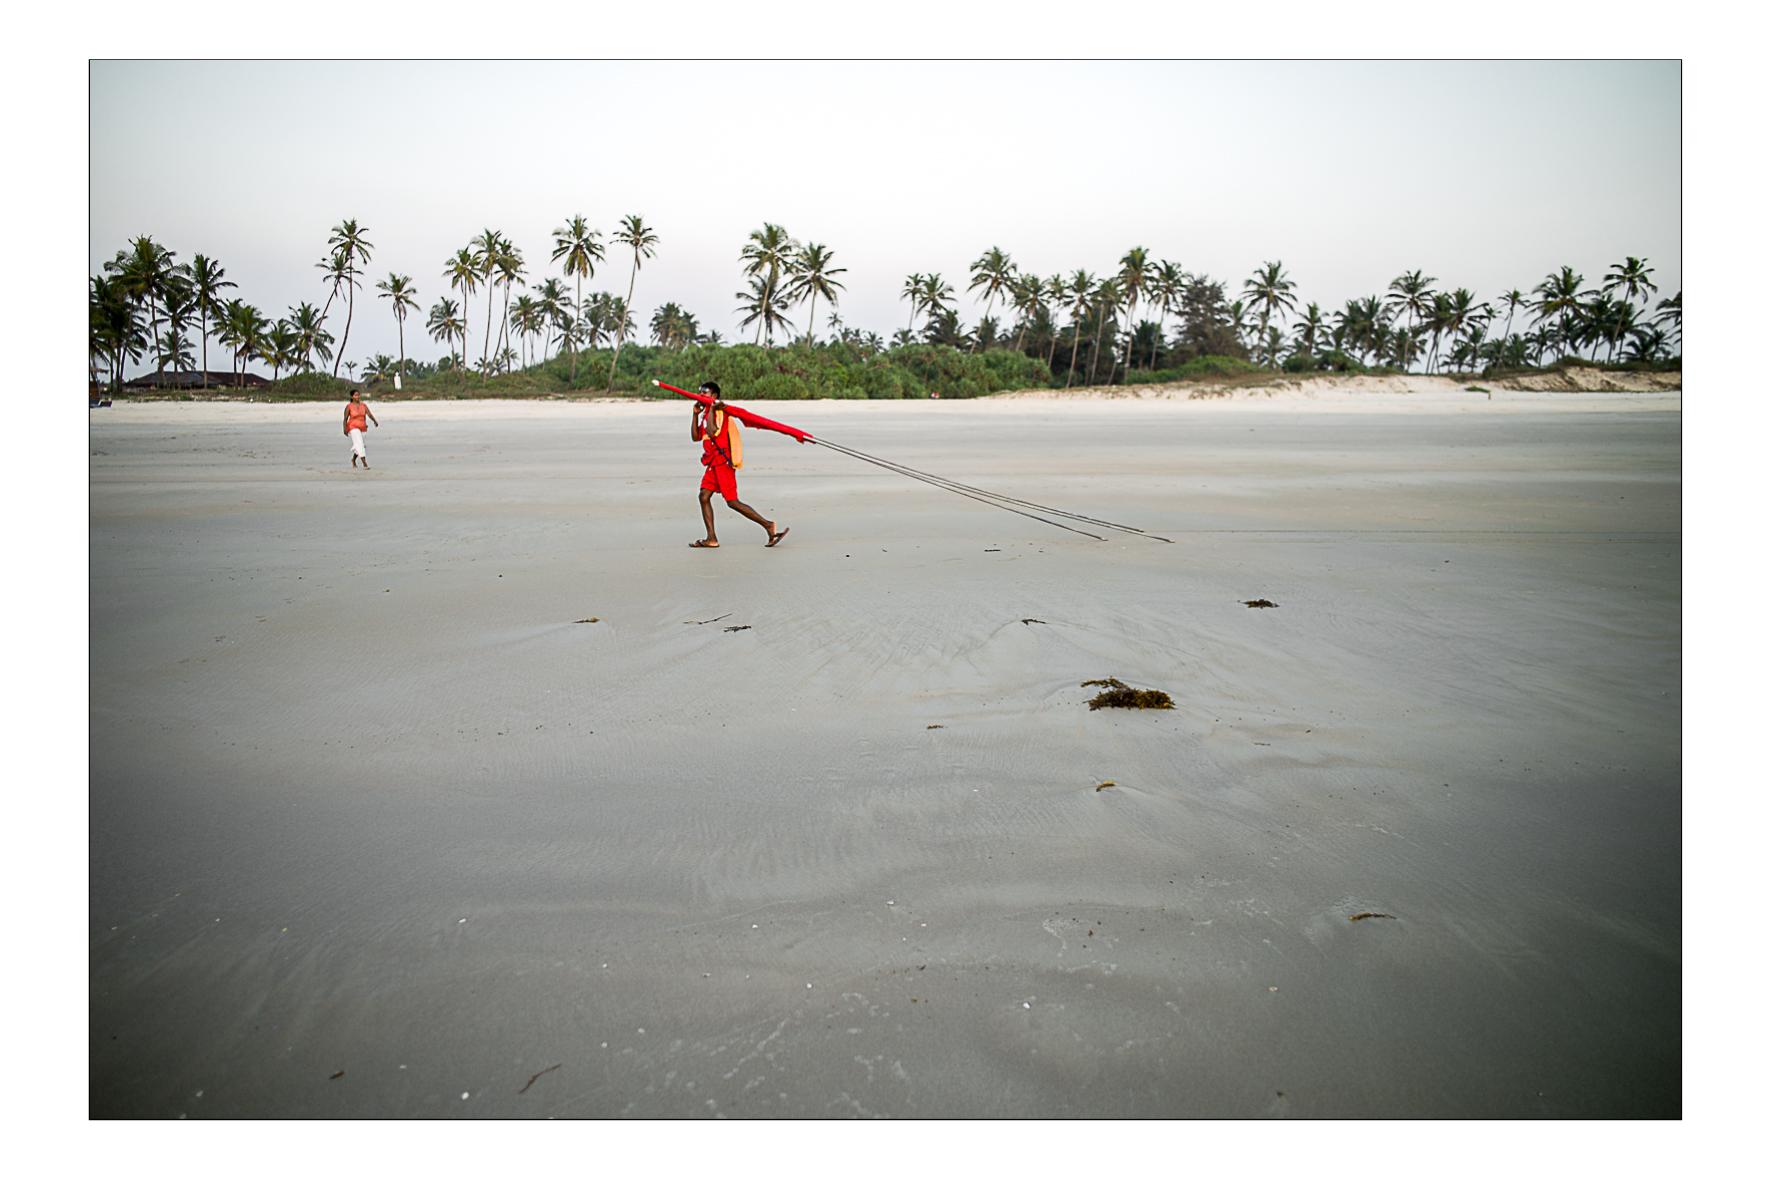 Au sud de Goa, Janvier 2010